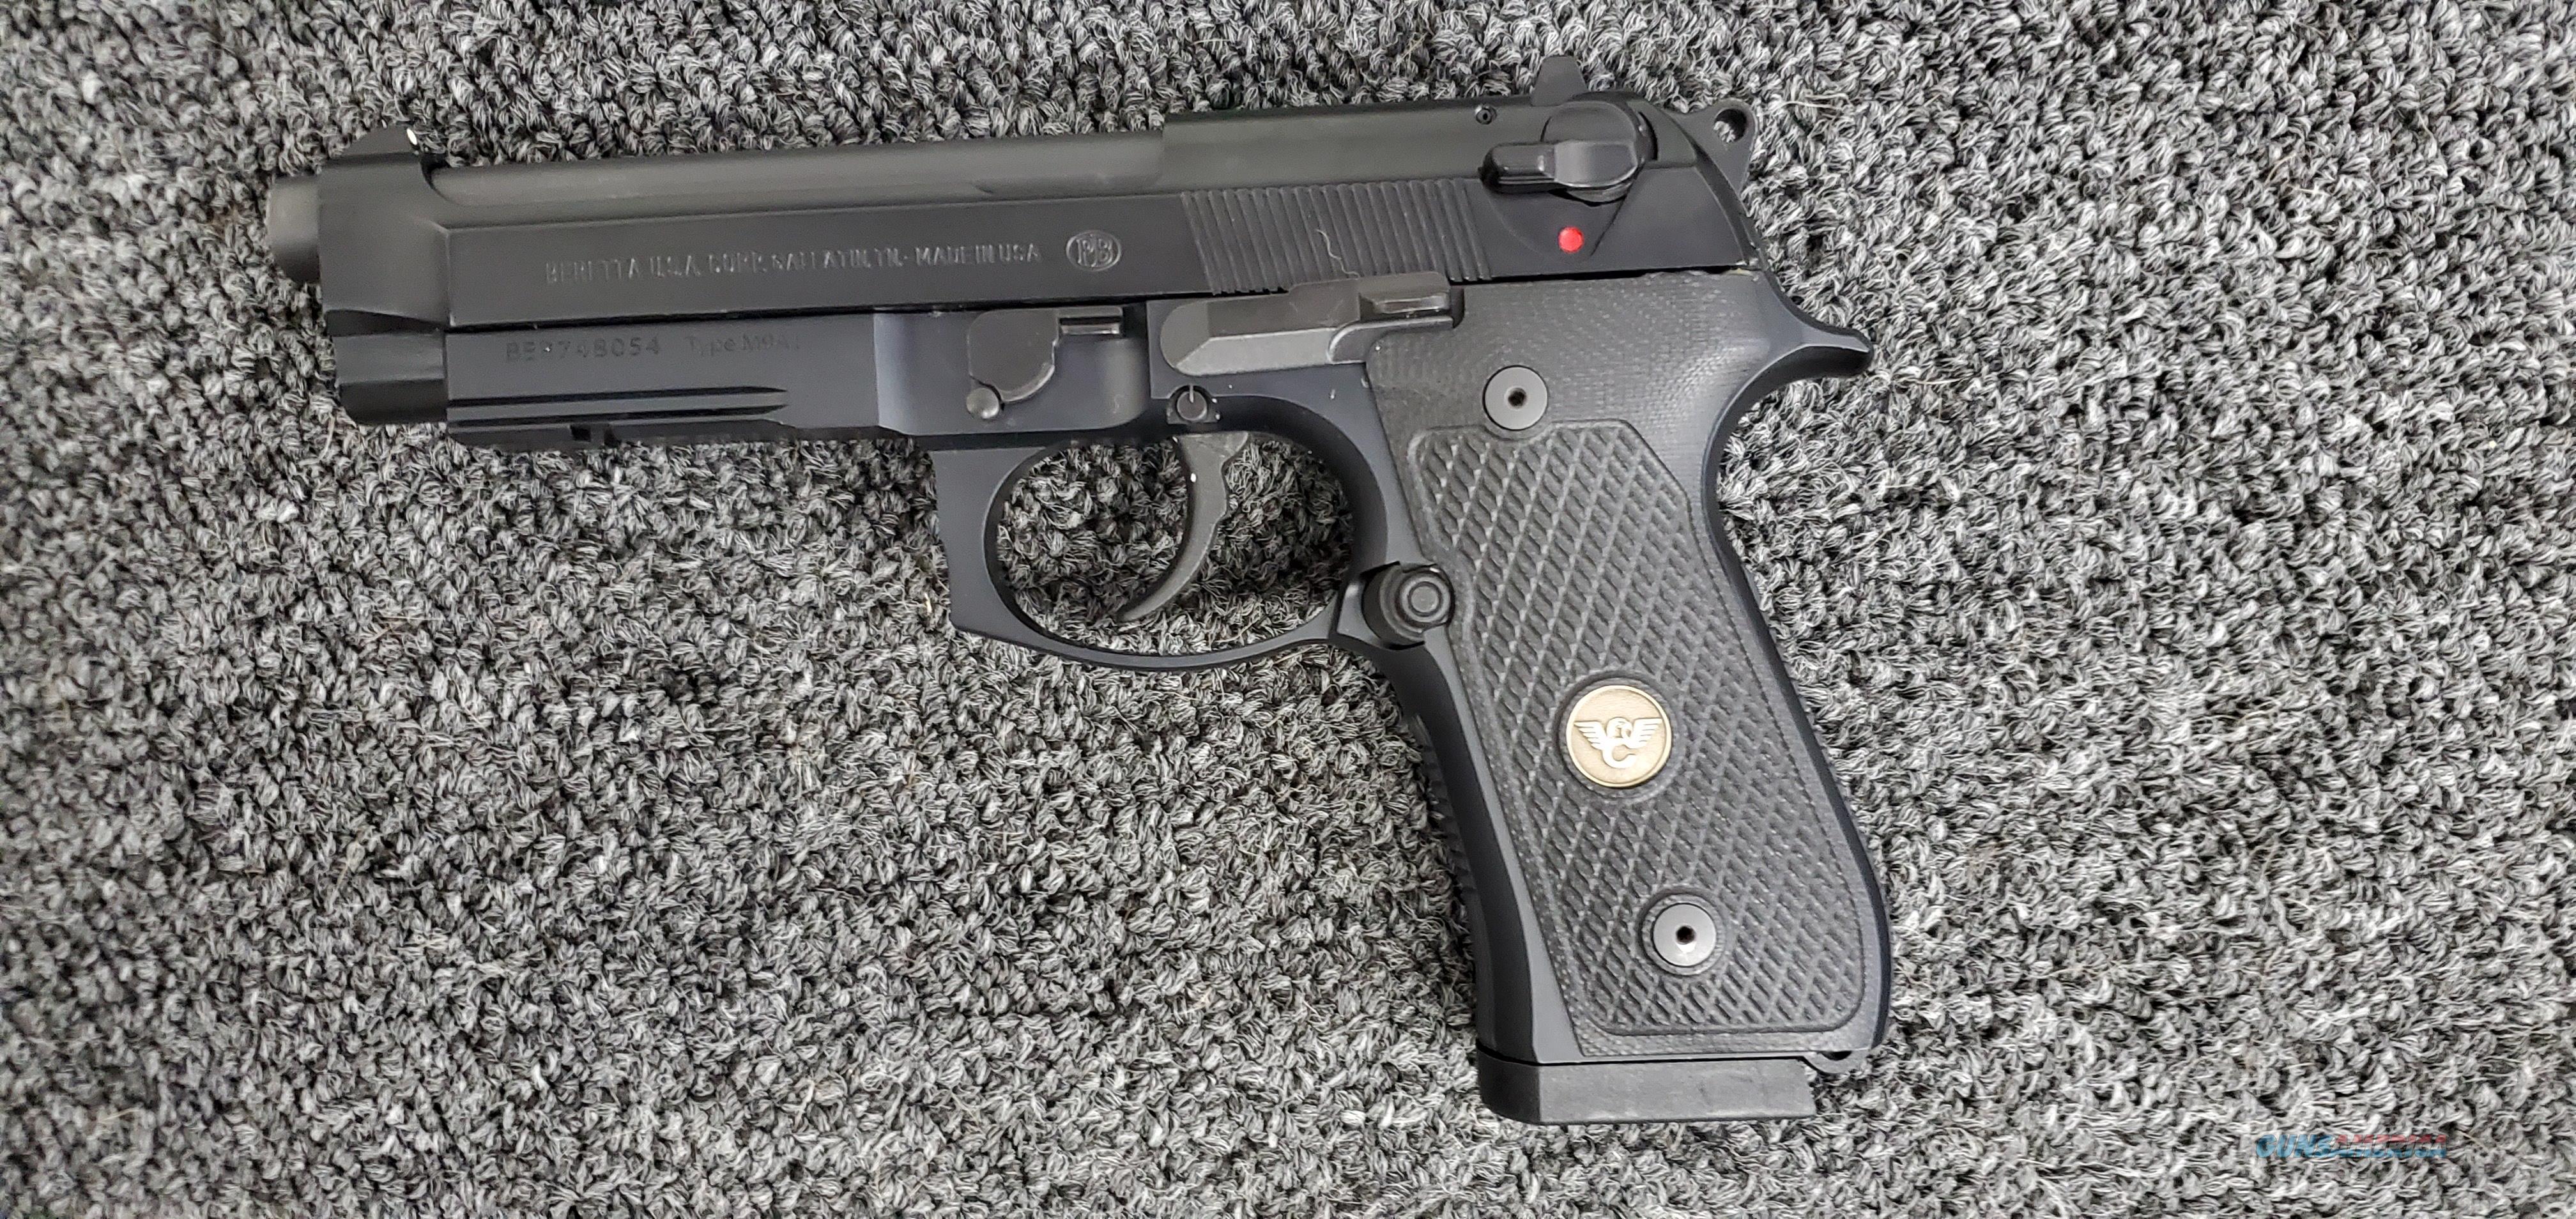 Beretta 92FS Type M9A1 .9mm  Guns > Pistols > Beretta Pistols > Model 92 Series